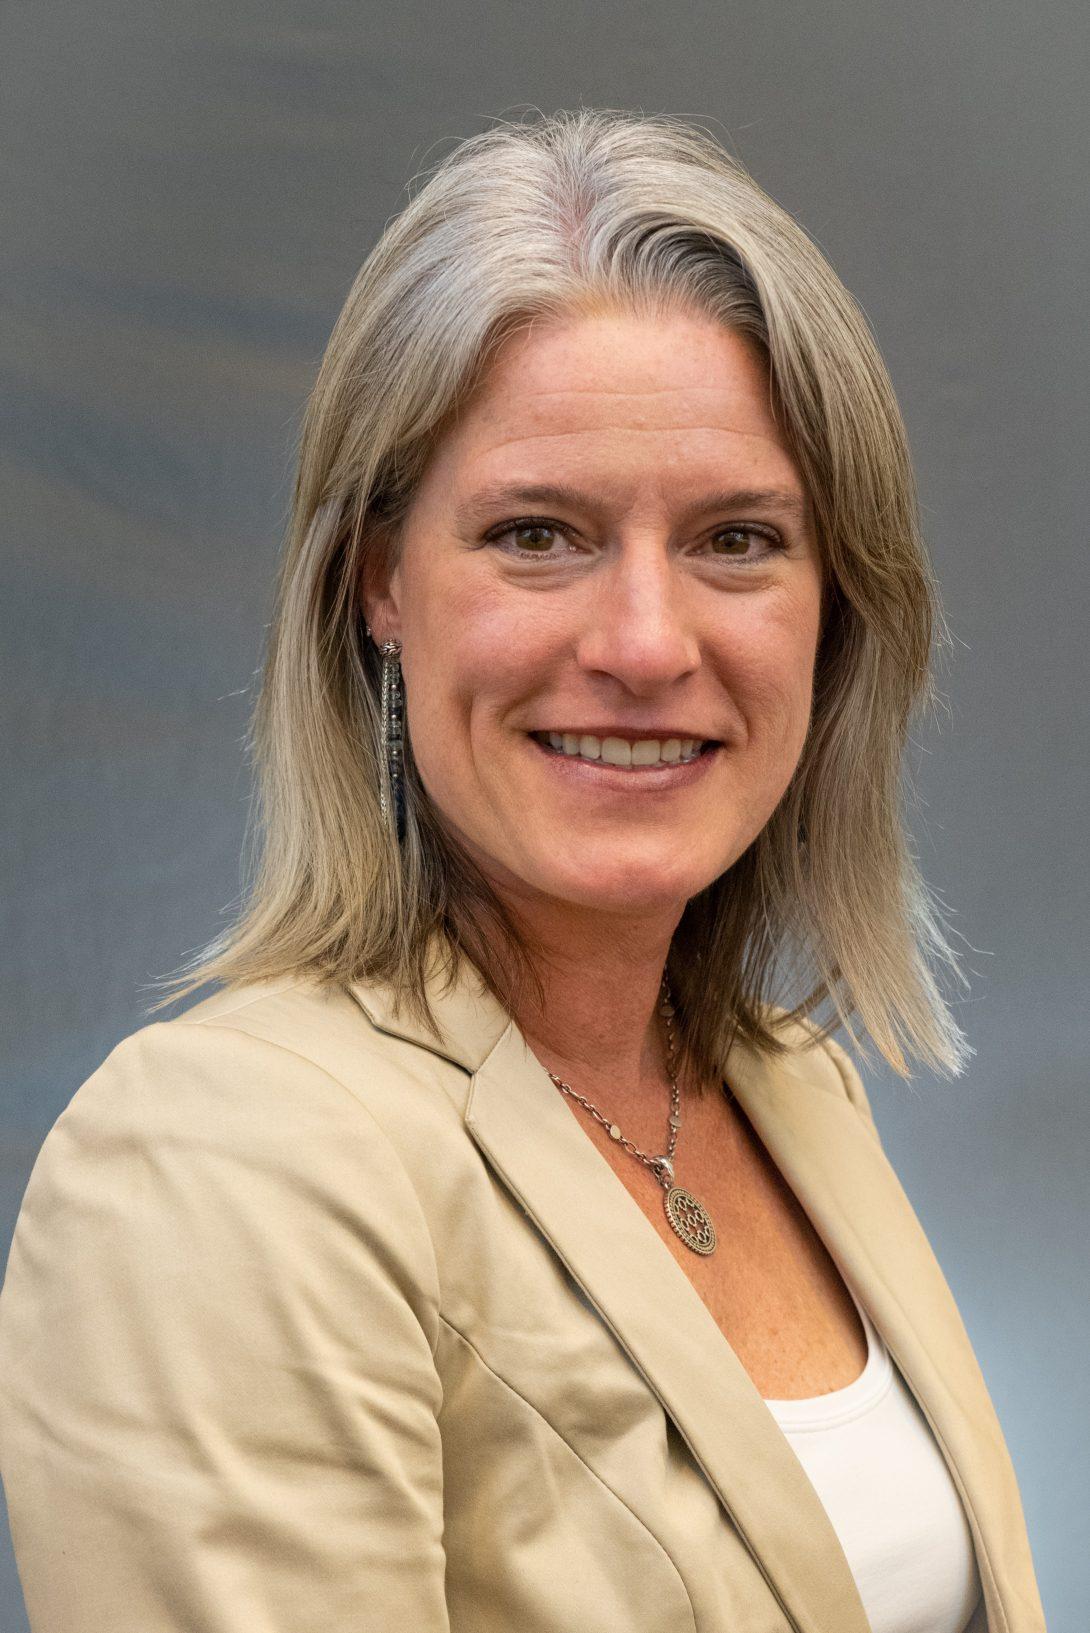 Amy McEwan